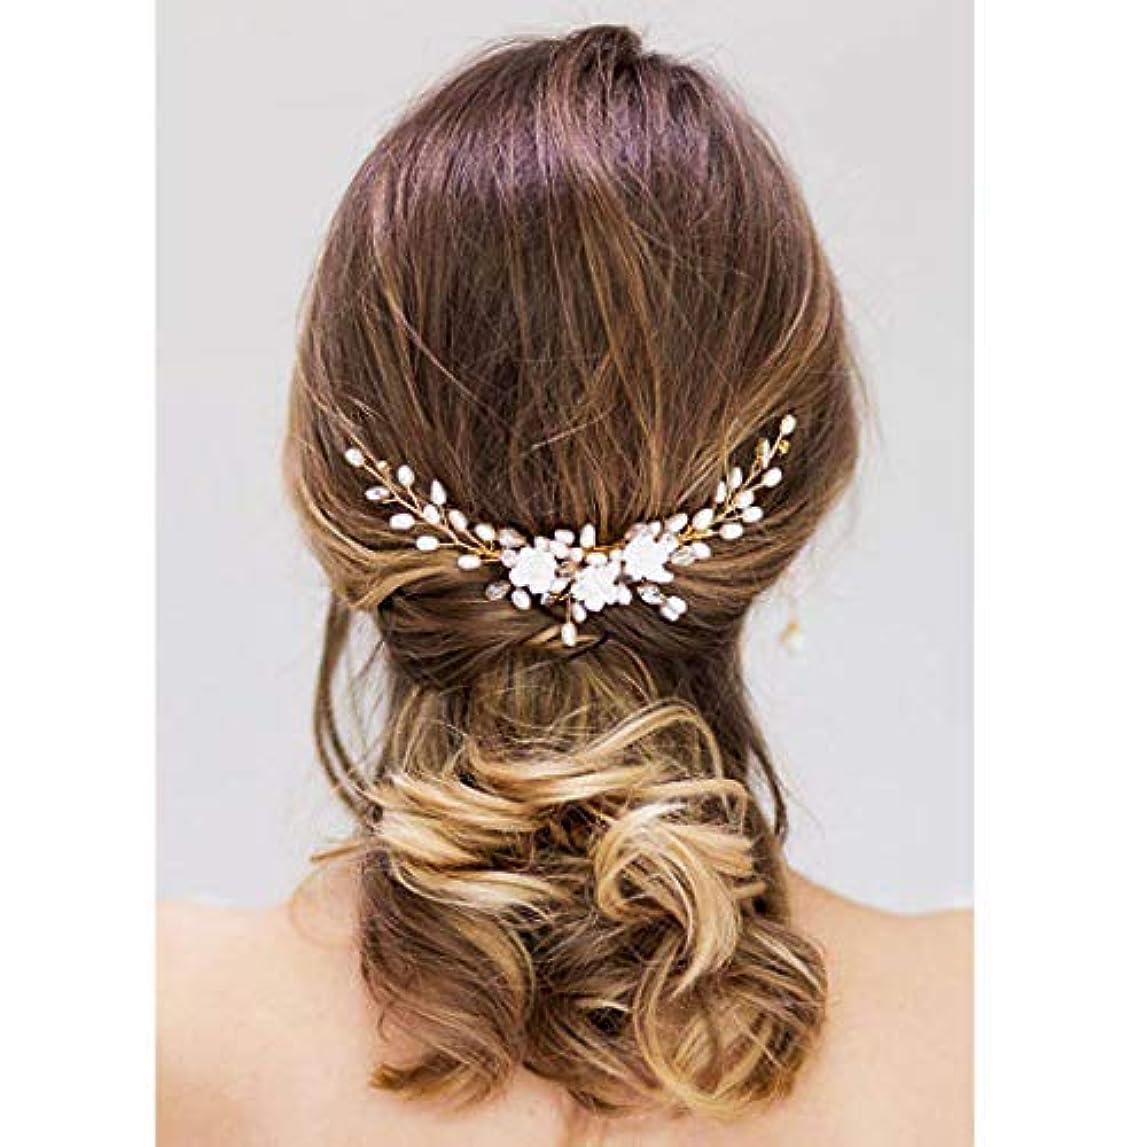 アスレチック収容する仕出しますDrecode Bride Wedding Hair Comb Flower Headpiece Pearl Rhinestone Hair Accessories for Women and Girls [並行輸入品]